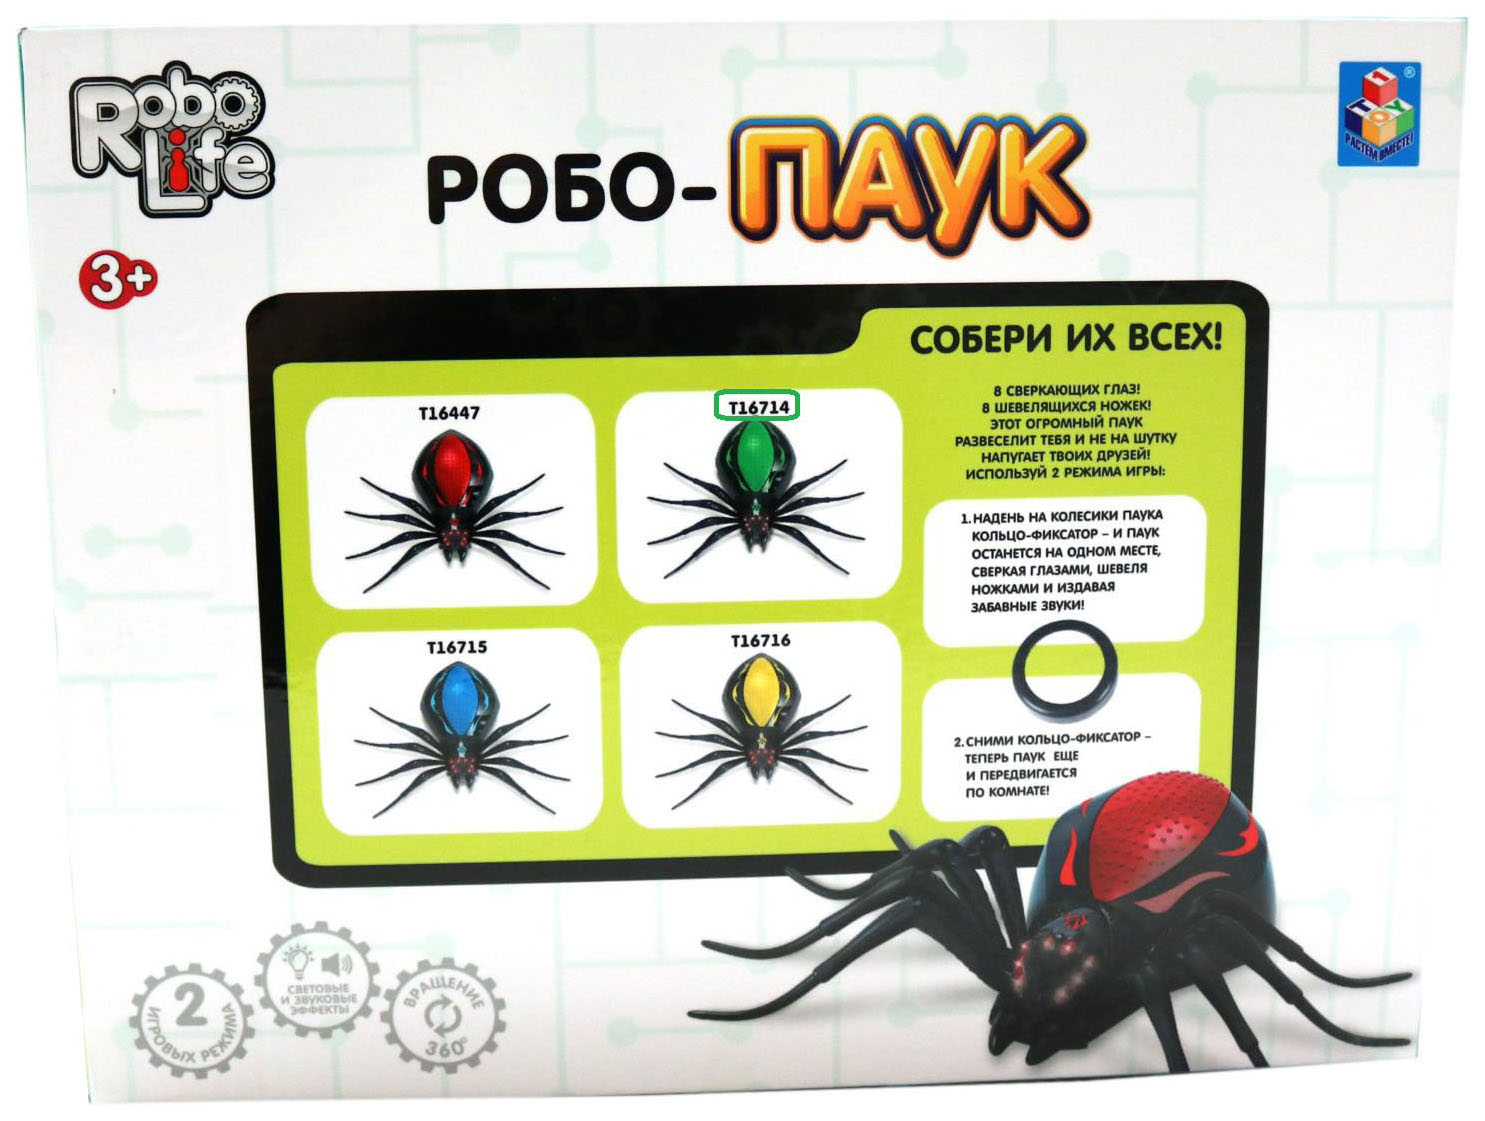 Купить Интерактивная игрушка 1TOY Robo Life Робо-паук Т16714 чёрно-зеленый, 1 TOY,